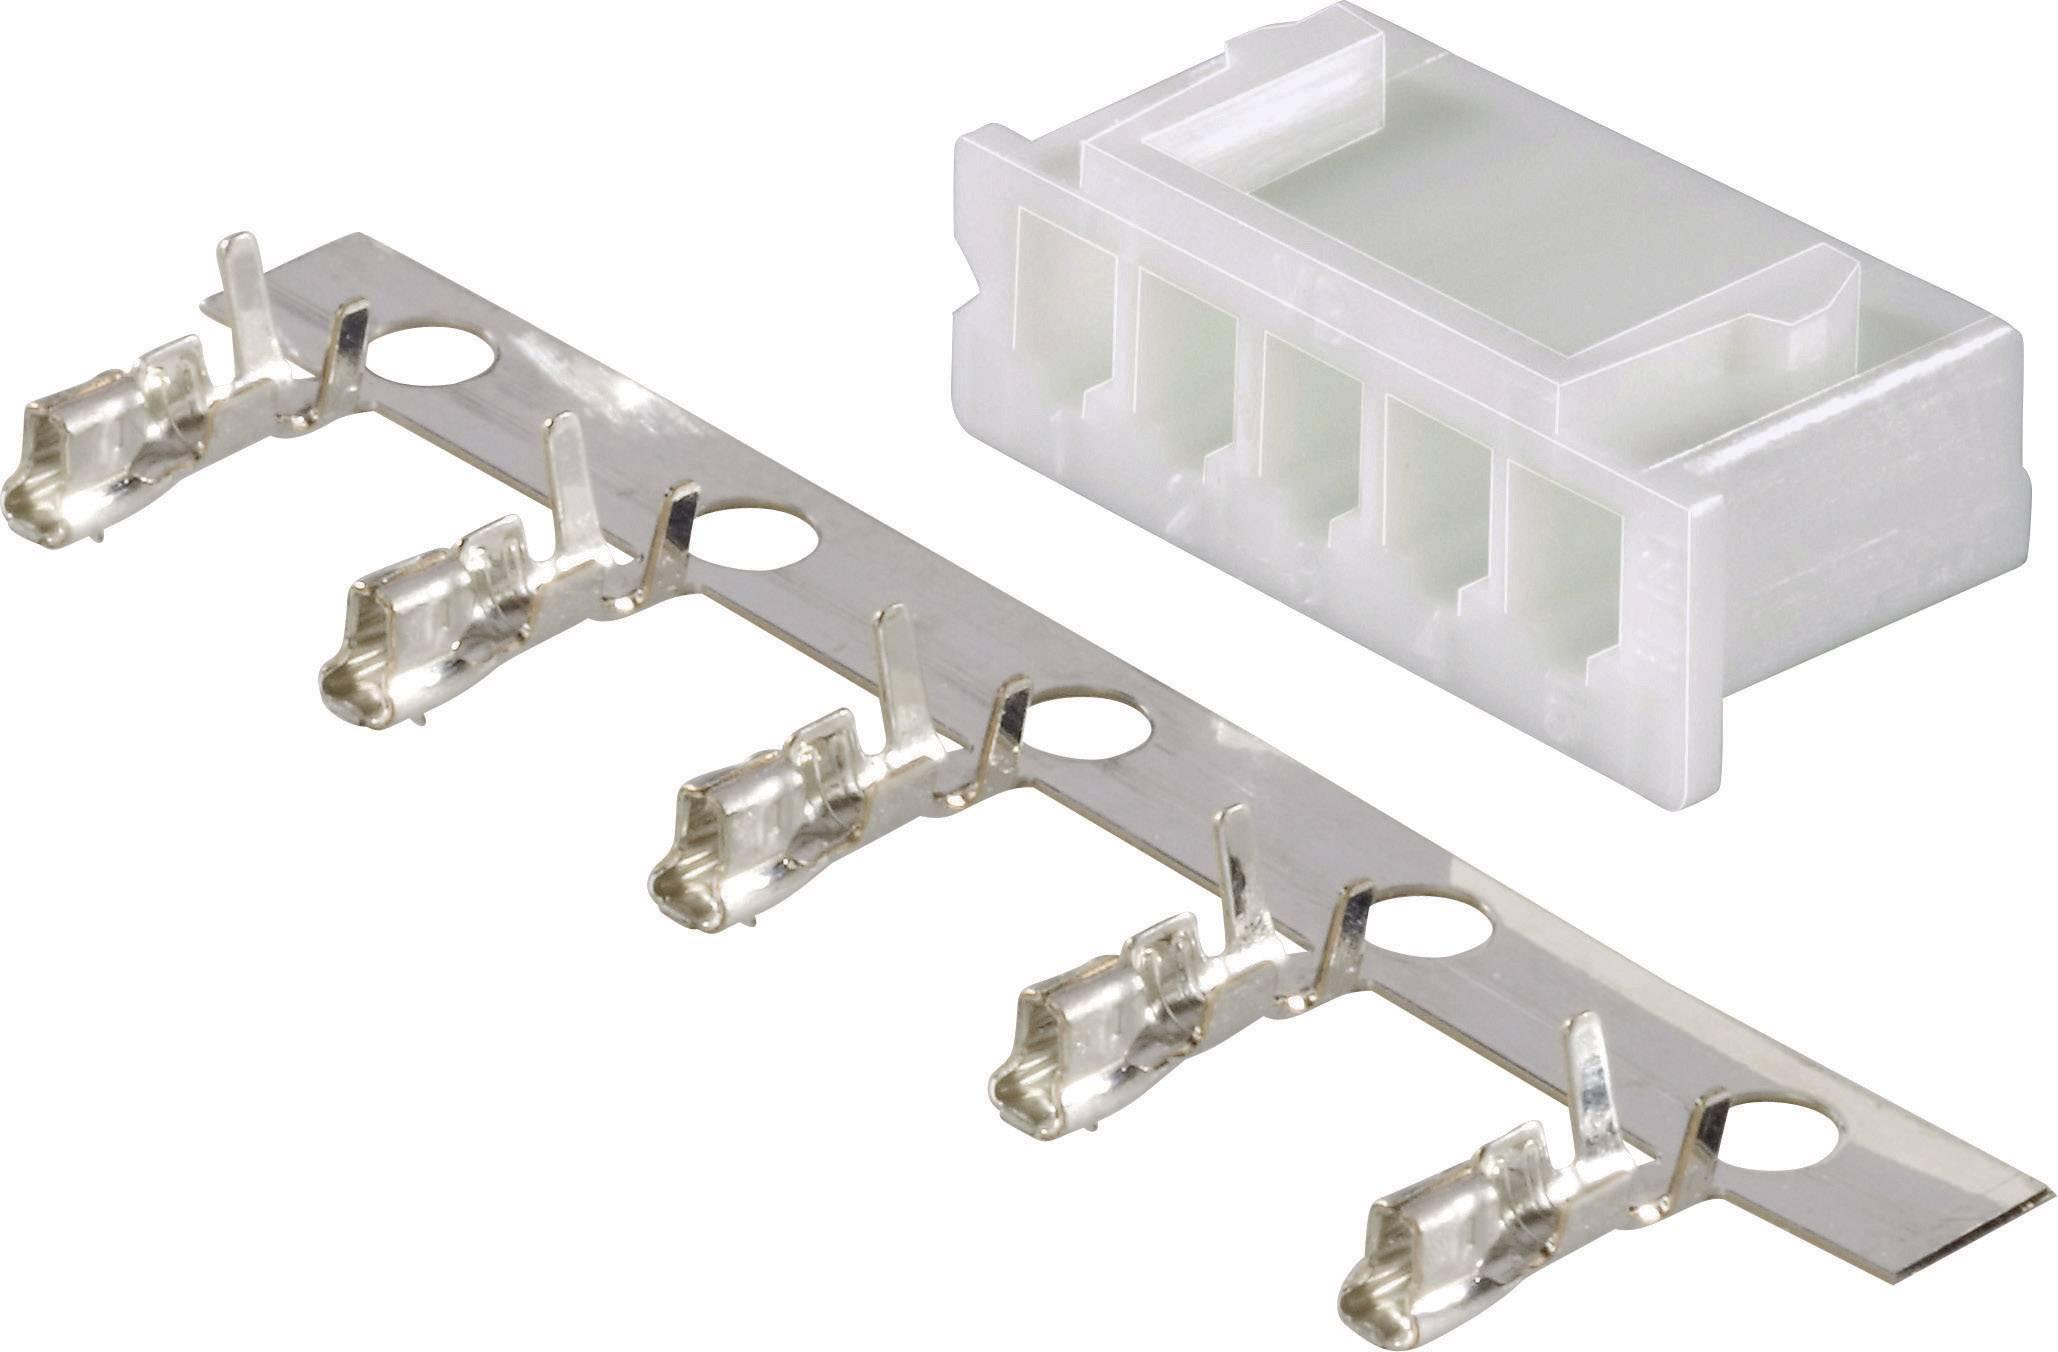 Konektor Li-Pol Modelcraft, zásuvka XH, 6 články